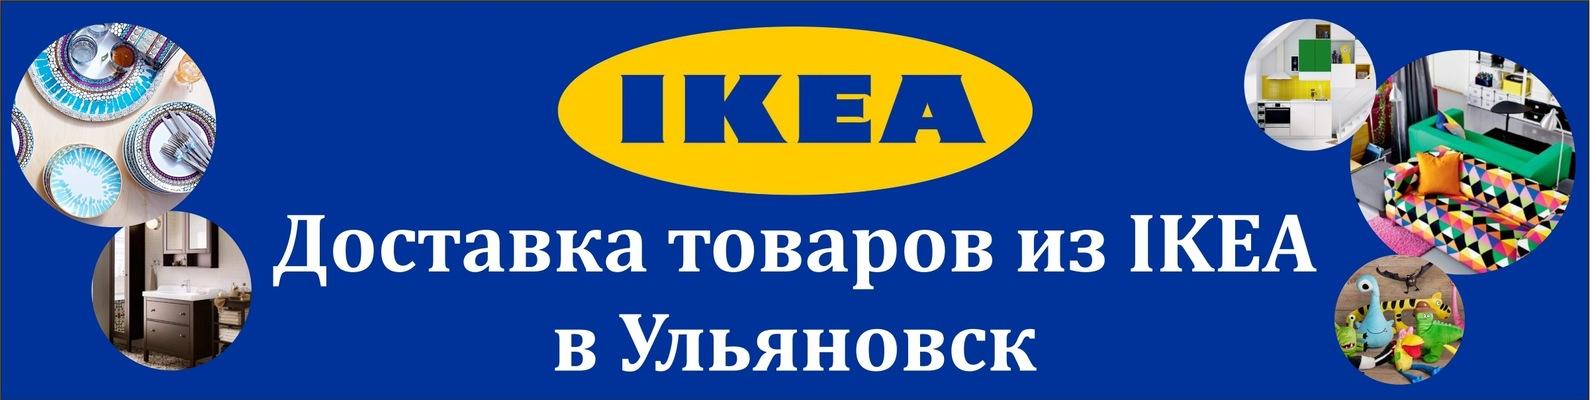 доставка товаров из икеаikea в гульяновске вконтакте